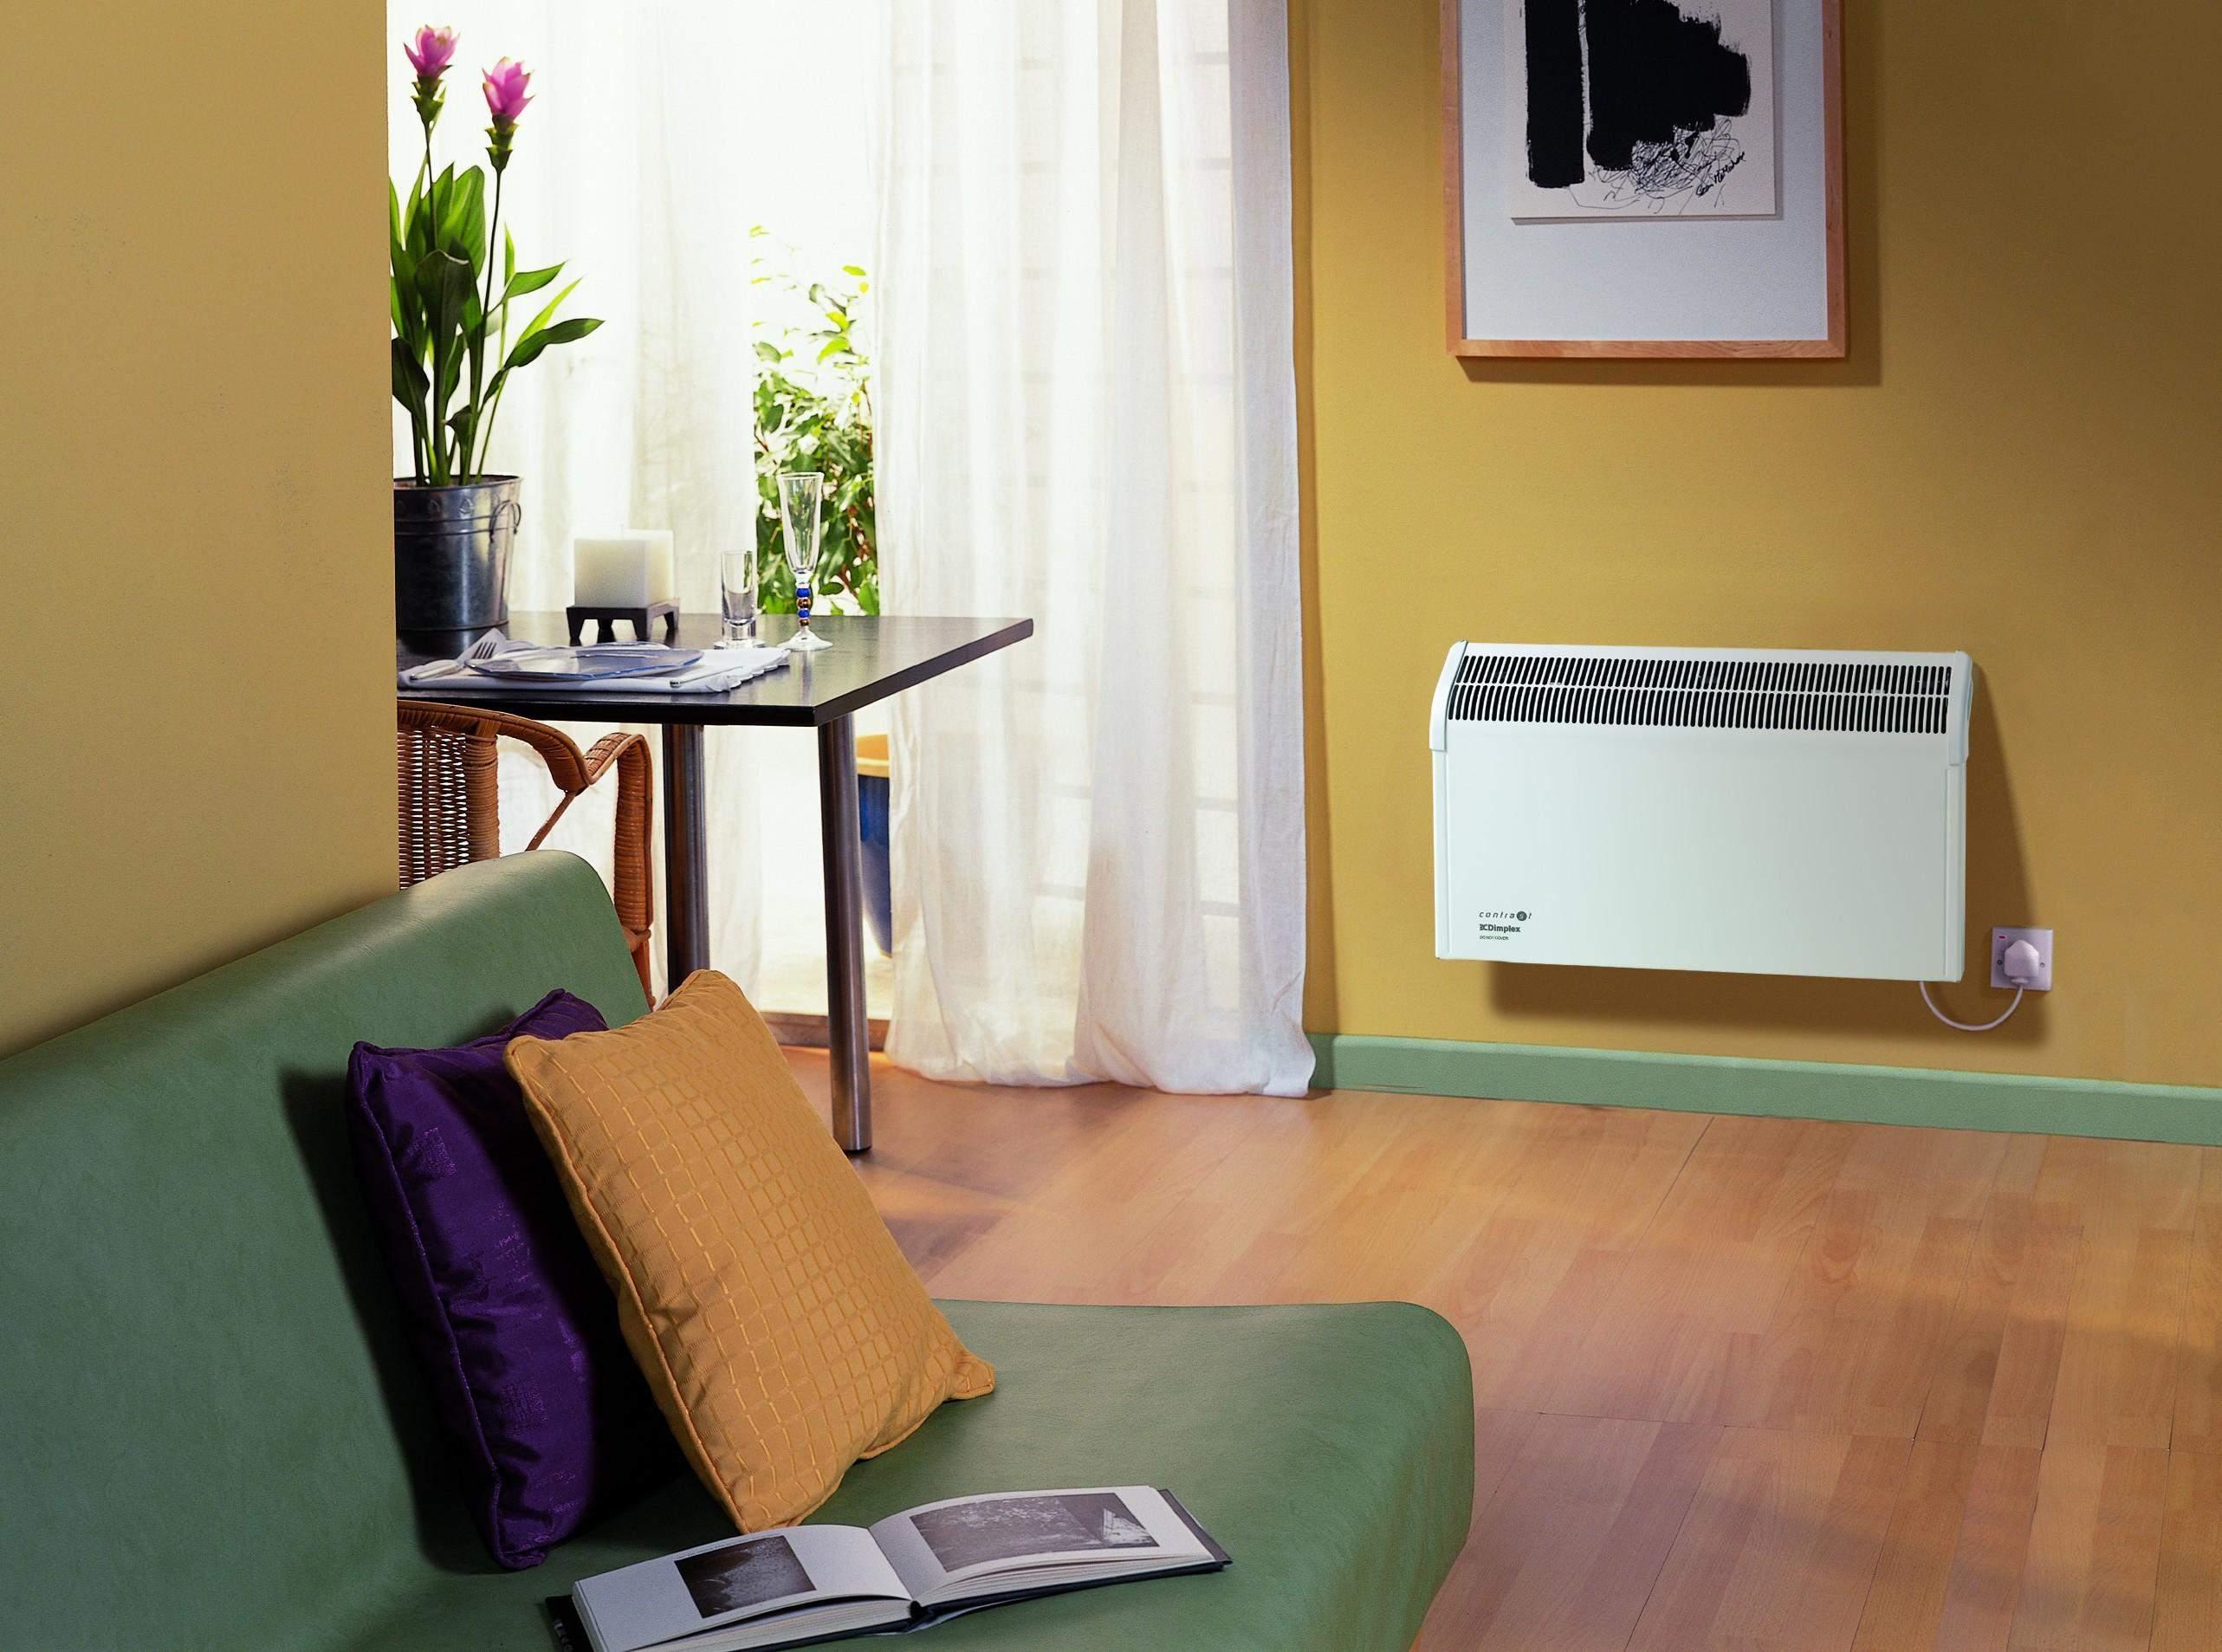 ярусы постройки электрические радиаторы отопления в домах фото бобра